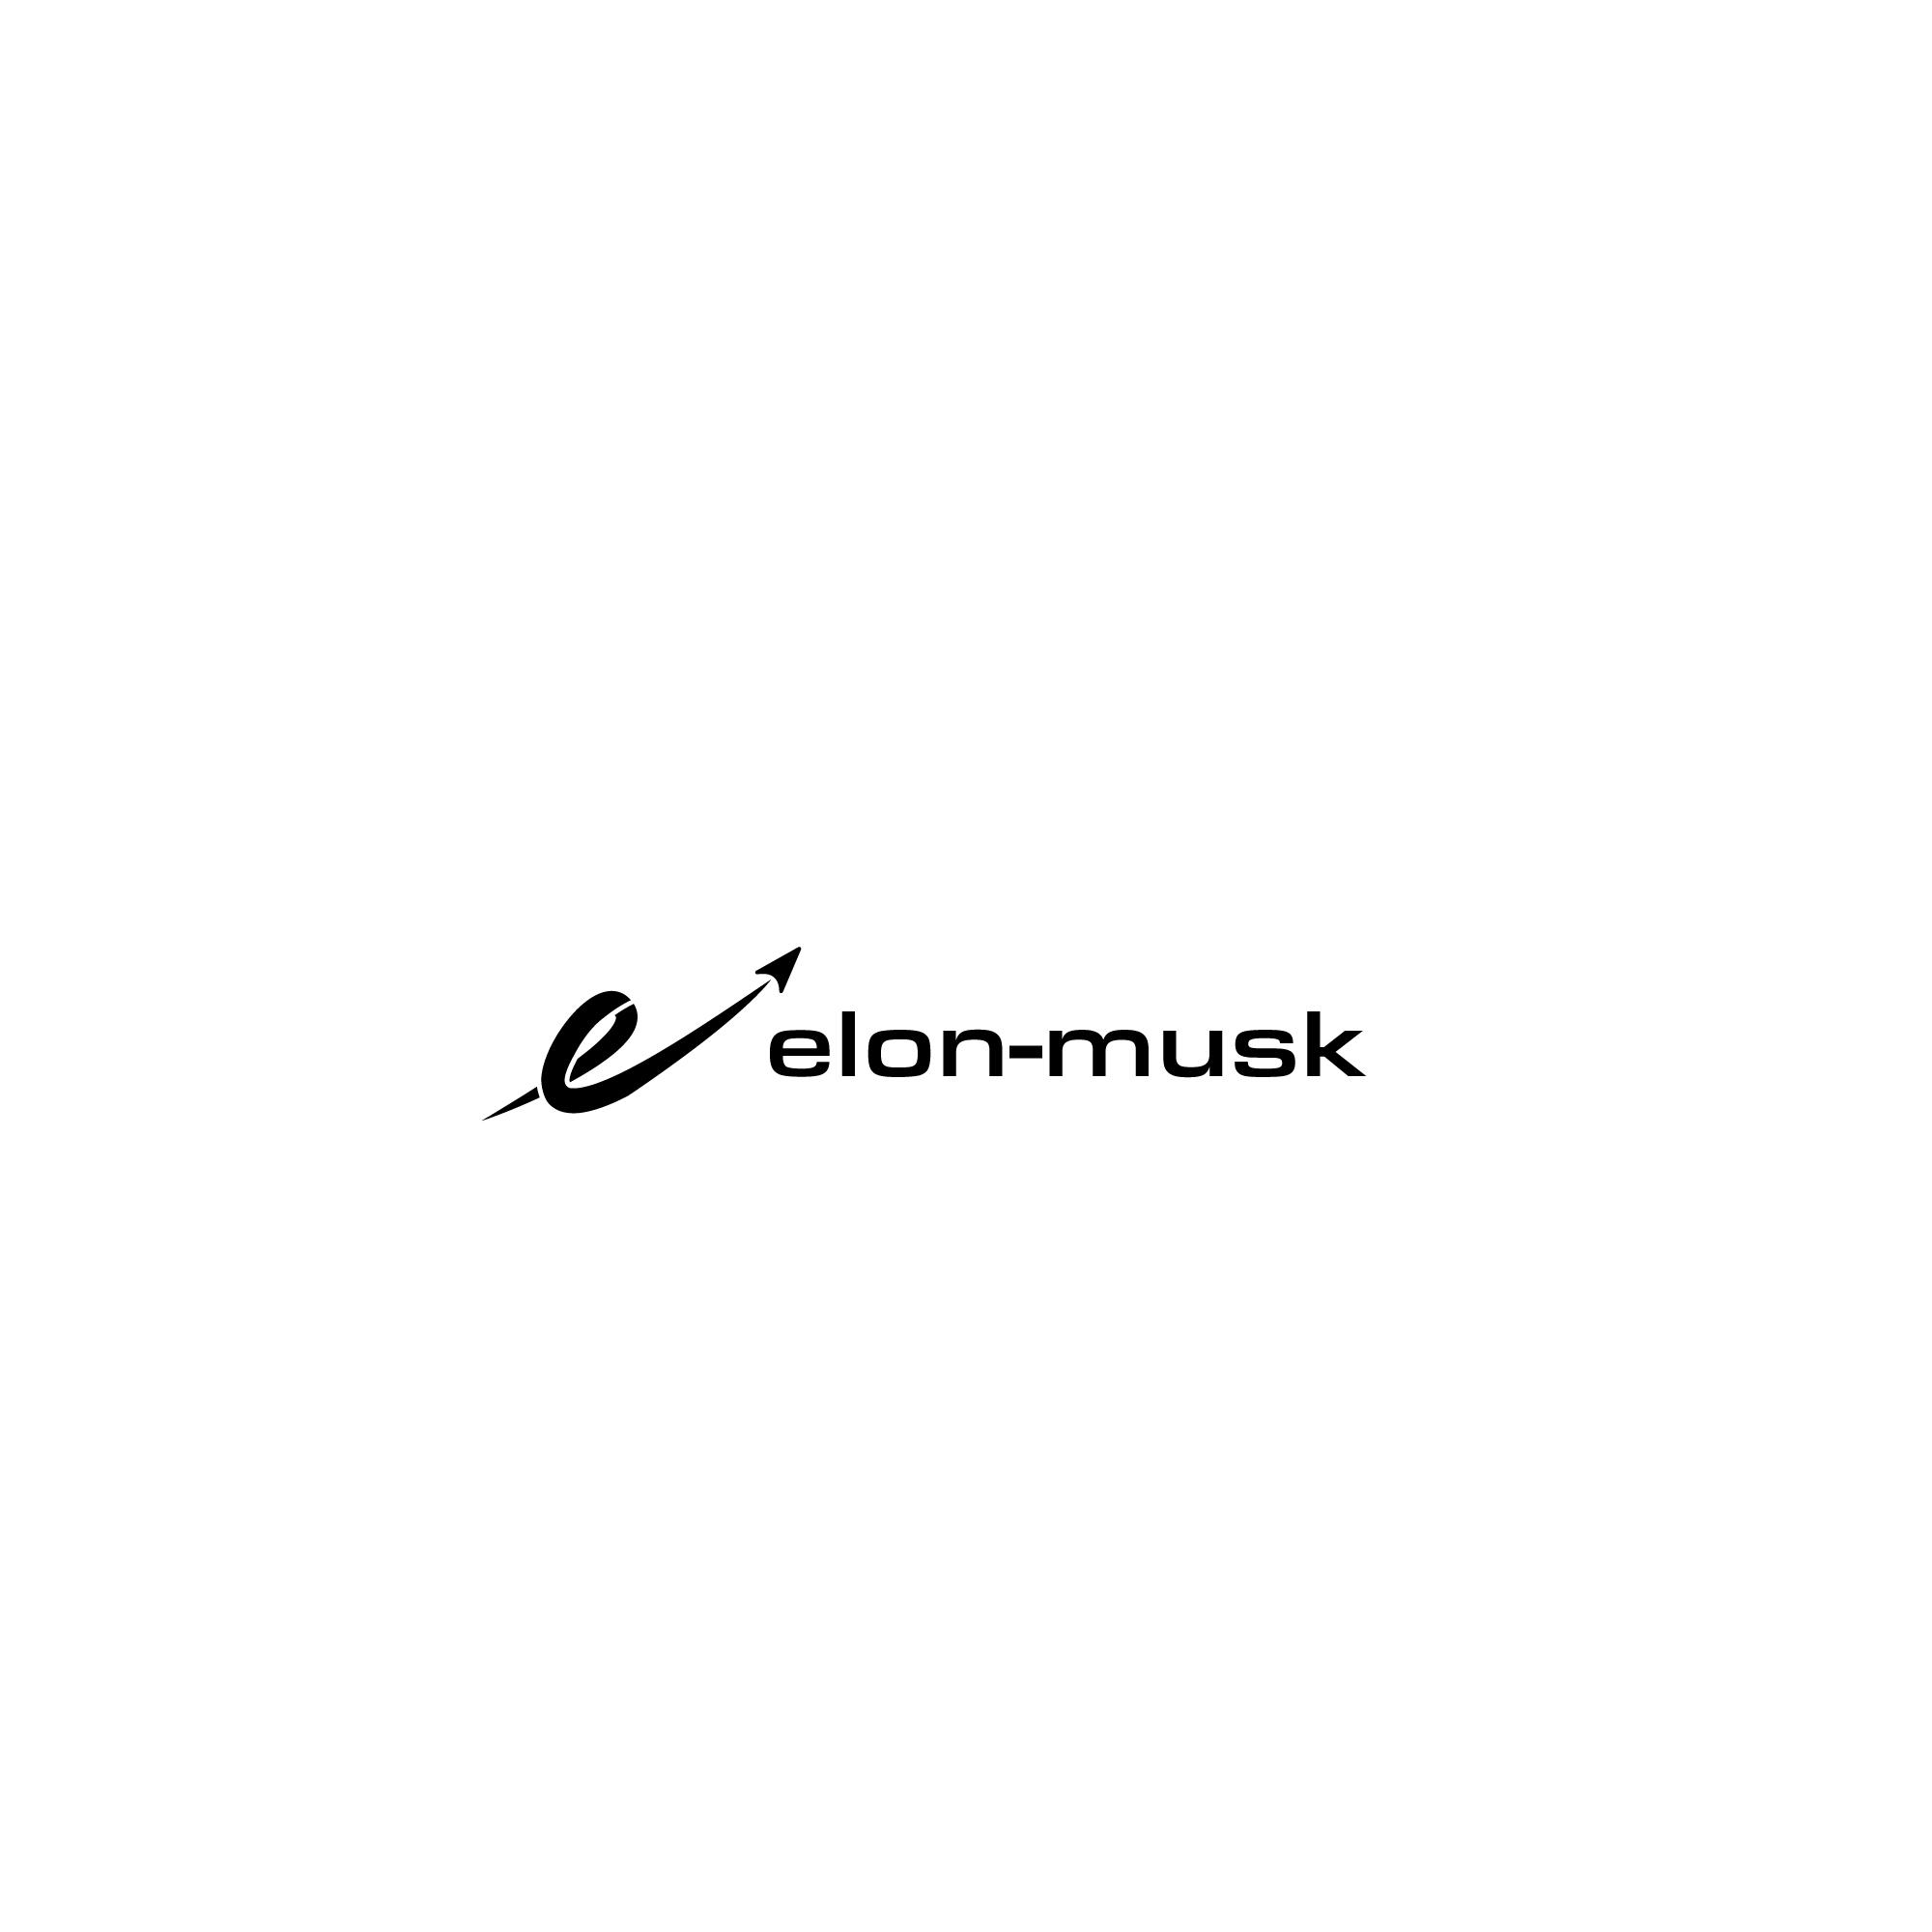 Логотип для новостного сайта  фото f_6035b7213795d1c8.jpg